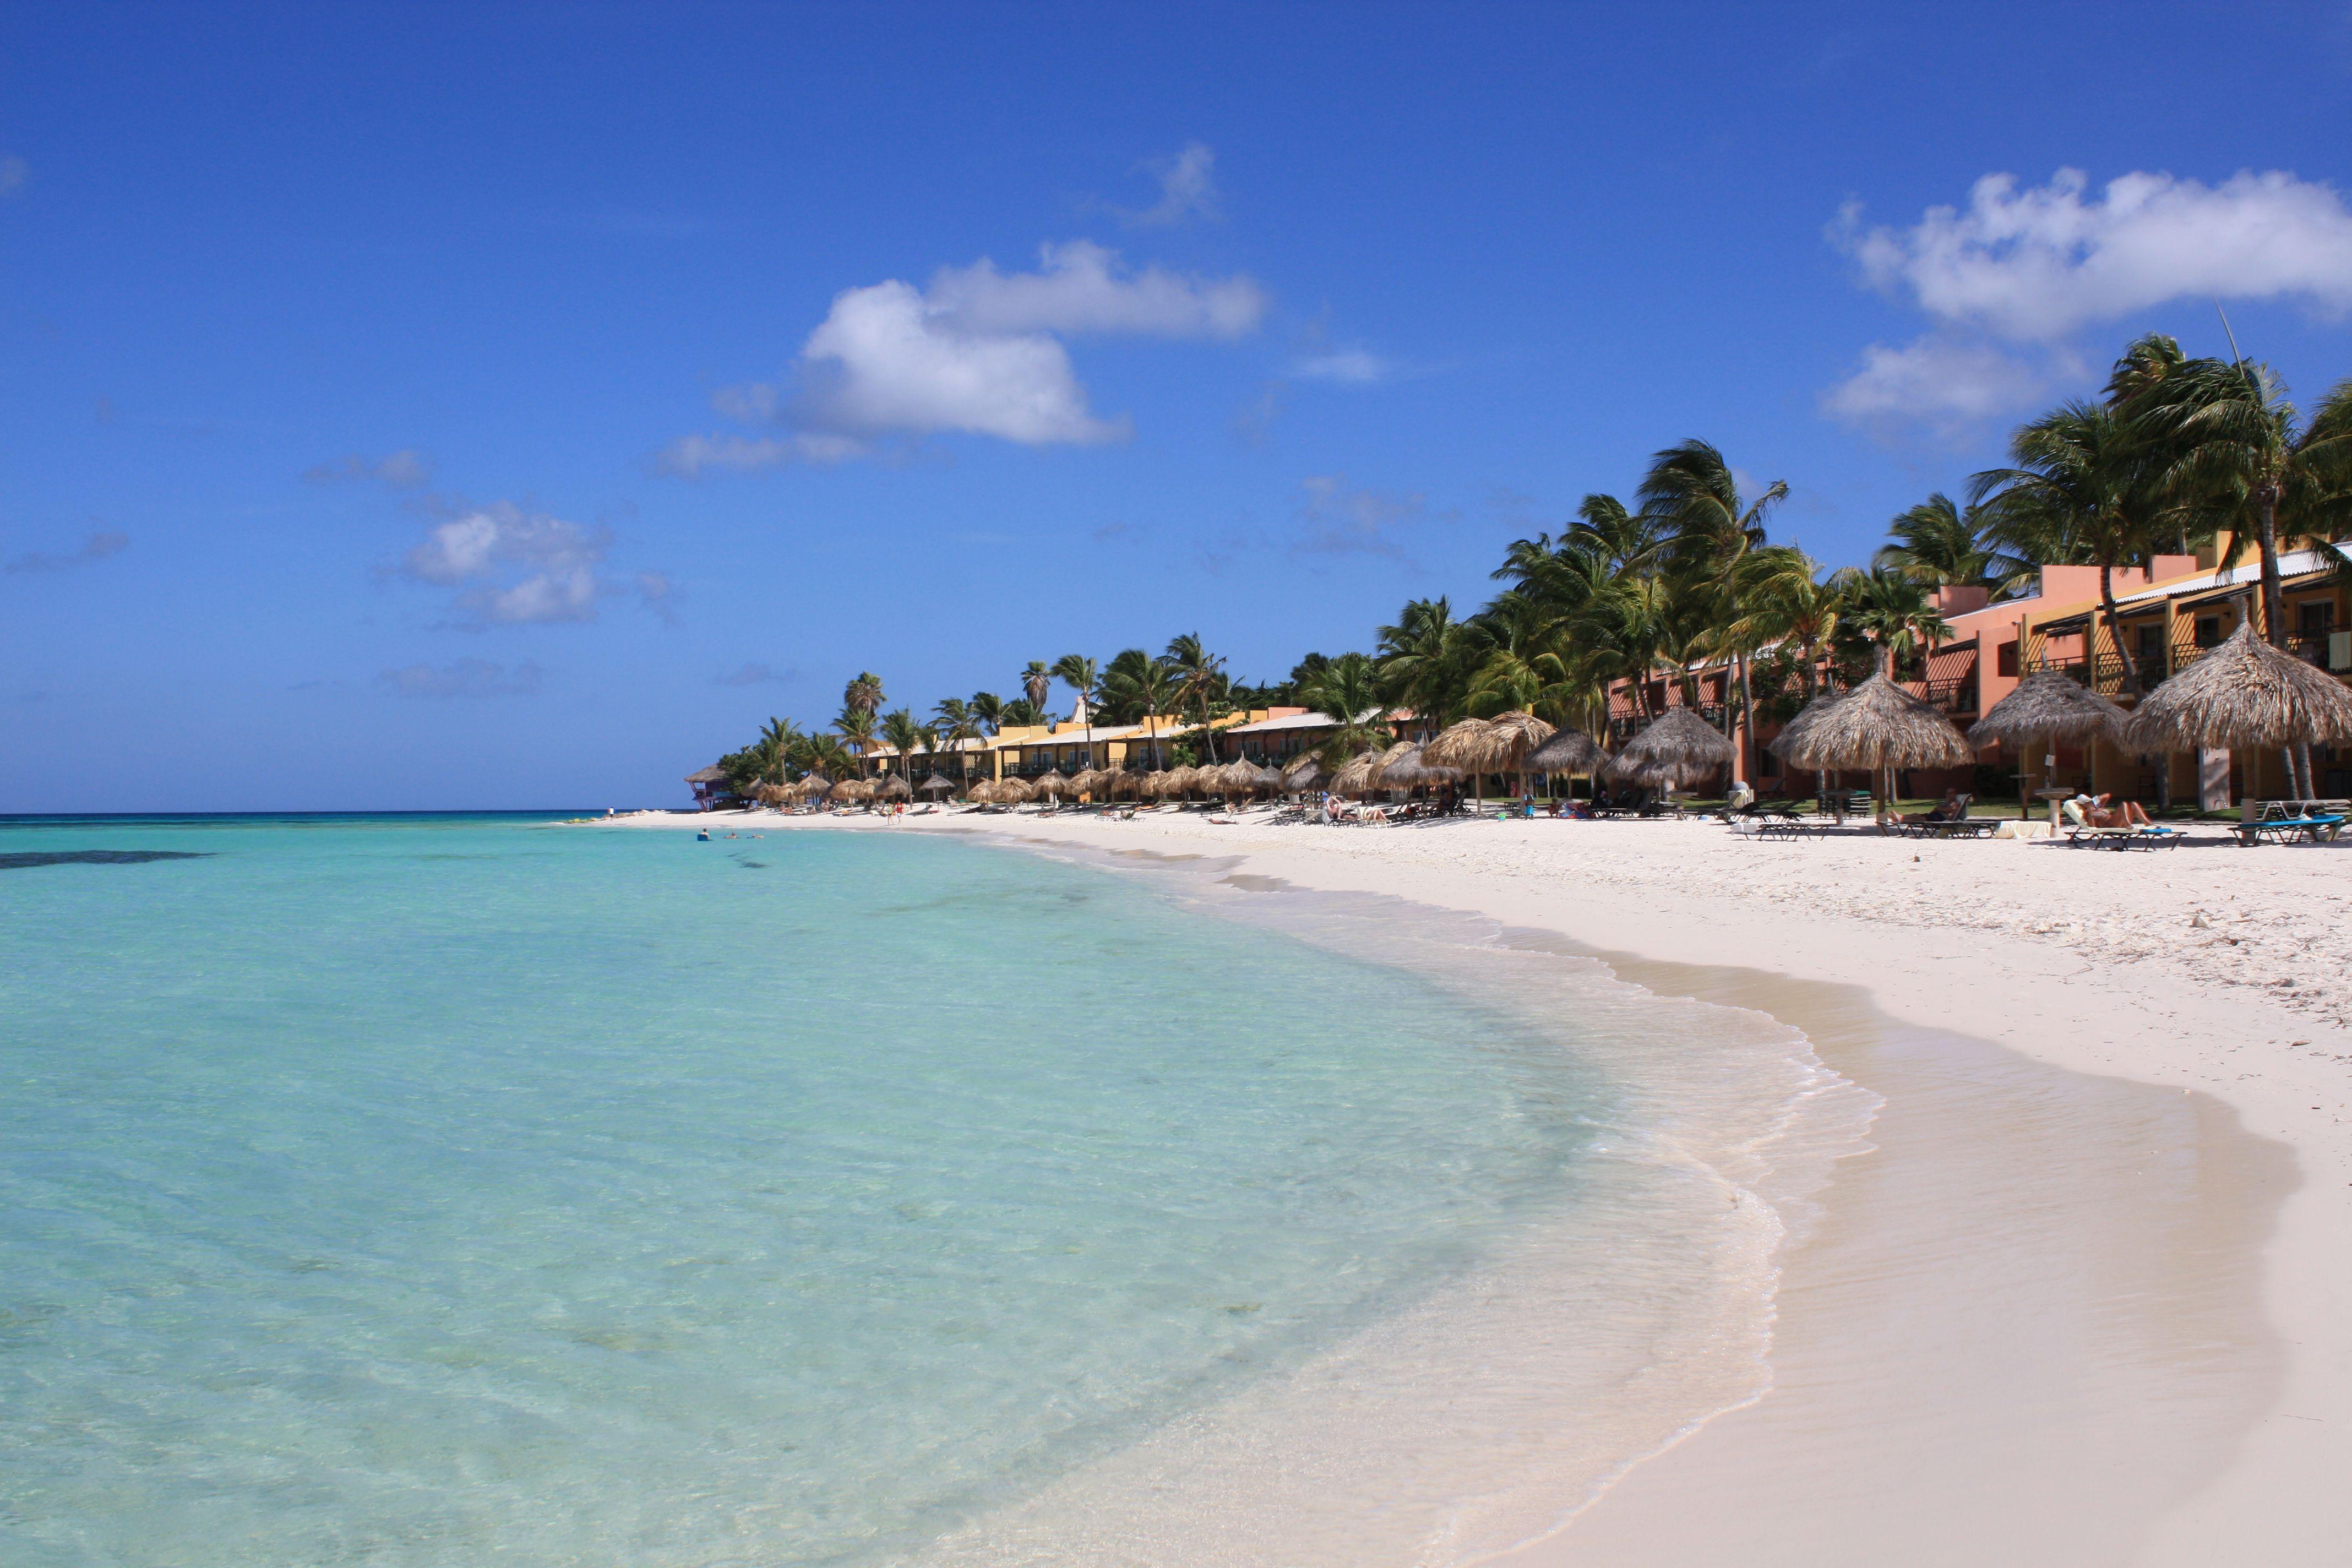 This is druif beach in aruba where the divi and tamarijn for Divi aruba and tamarijn aruba